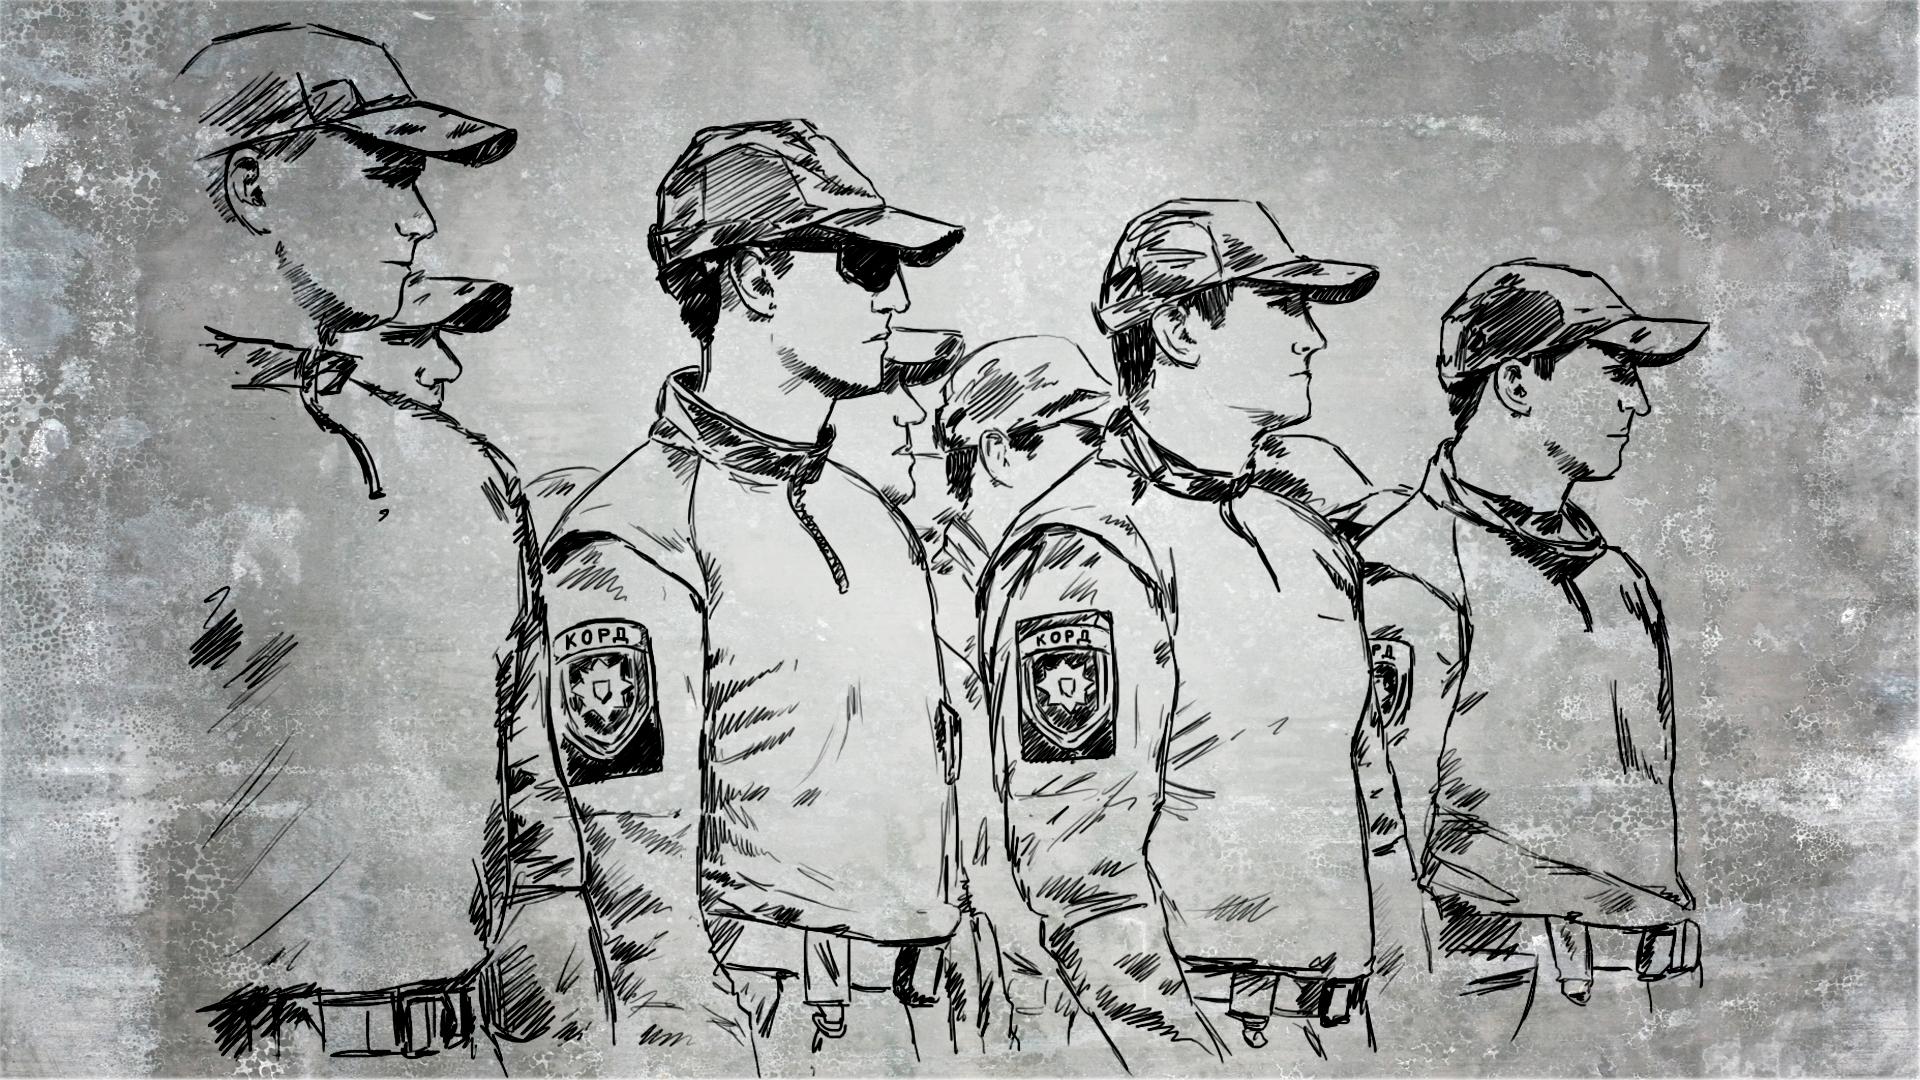 Роль поліції в сучасному суспільстві, або три речі, які необхідно знати про поліцію